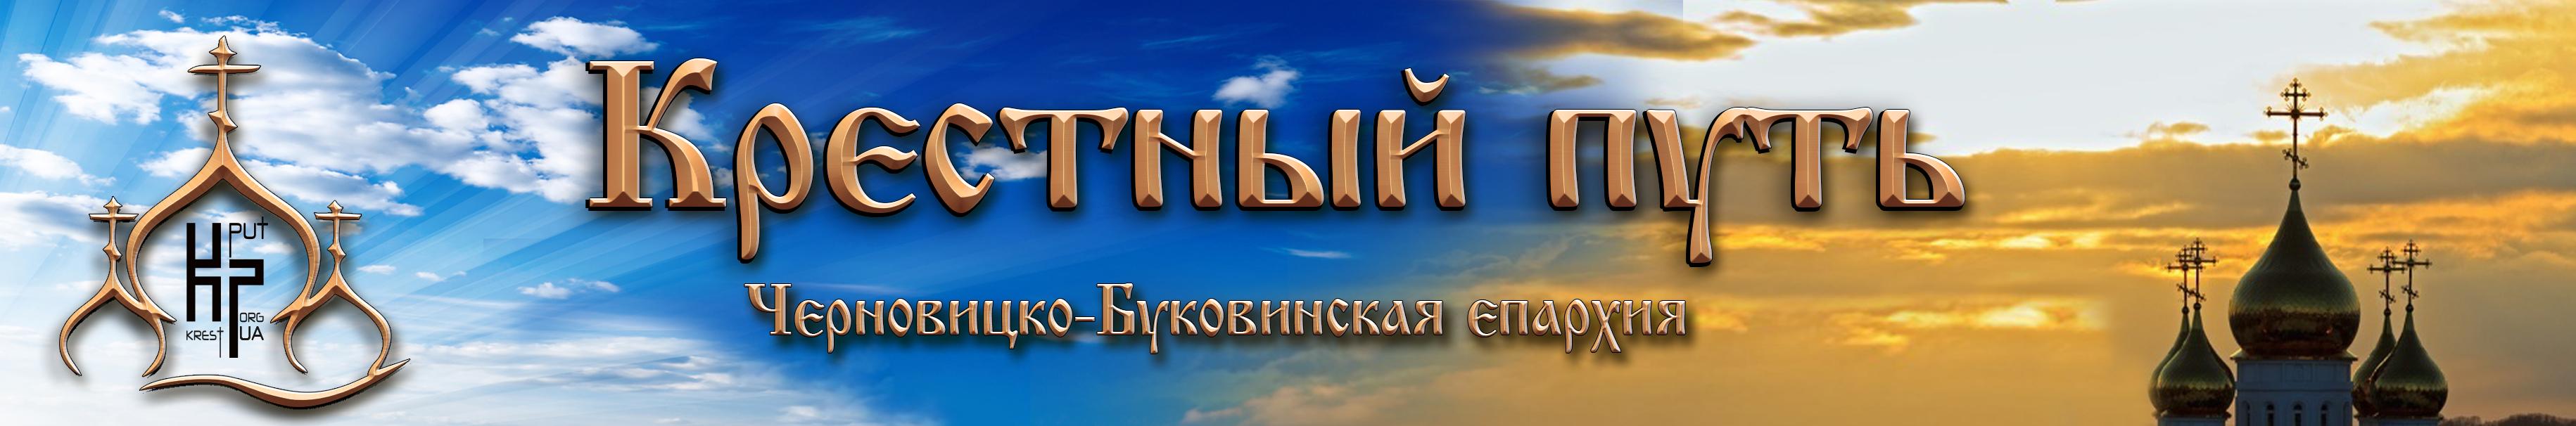 Хедер+лого